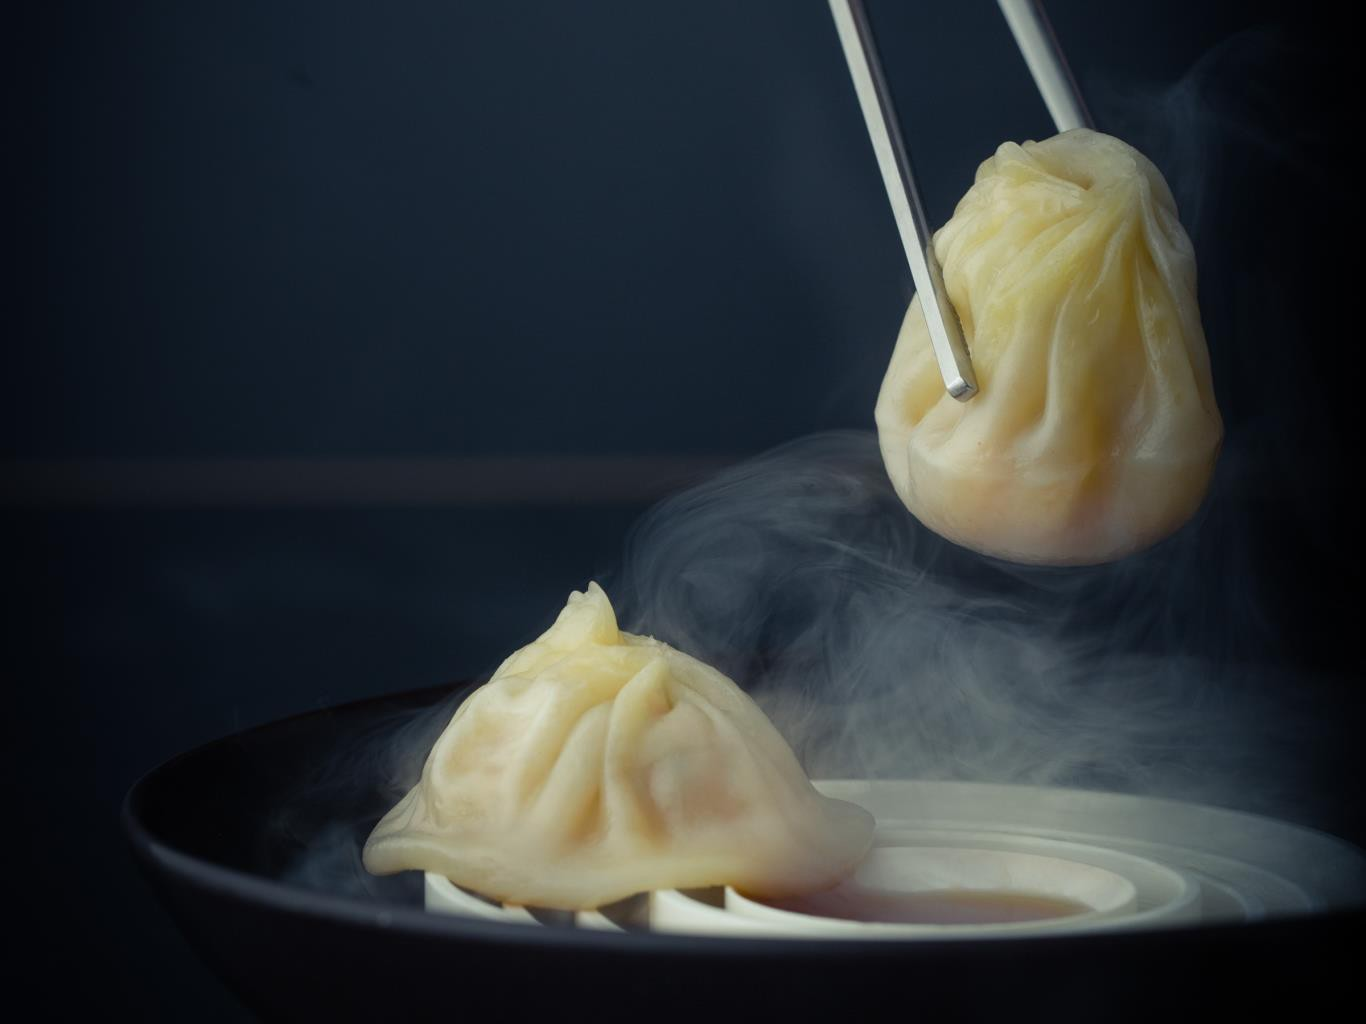 Xiao Long Bao: chiếc bánh bao bé nhỏ chứa phần nước súp thần thánh khiến ai thử cũng mê - Ảnh 2.